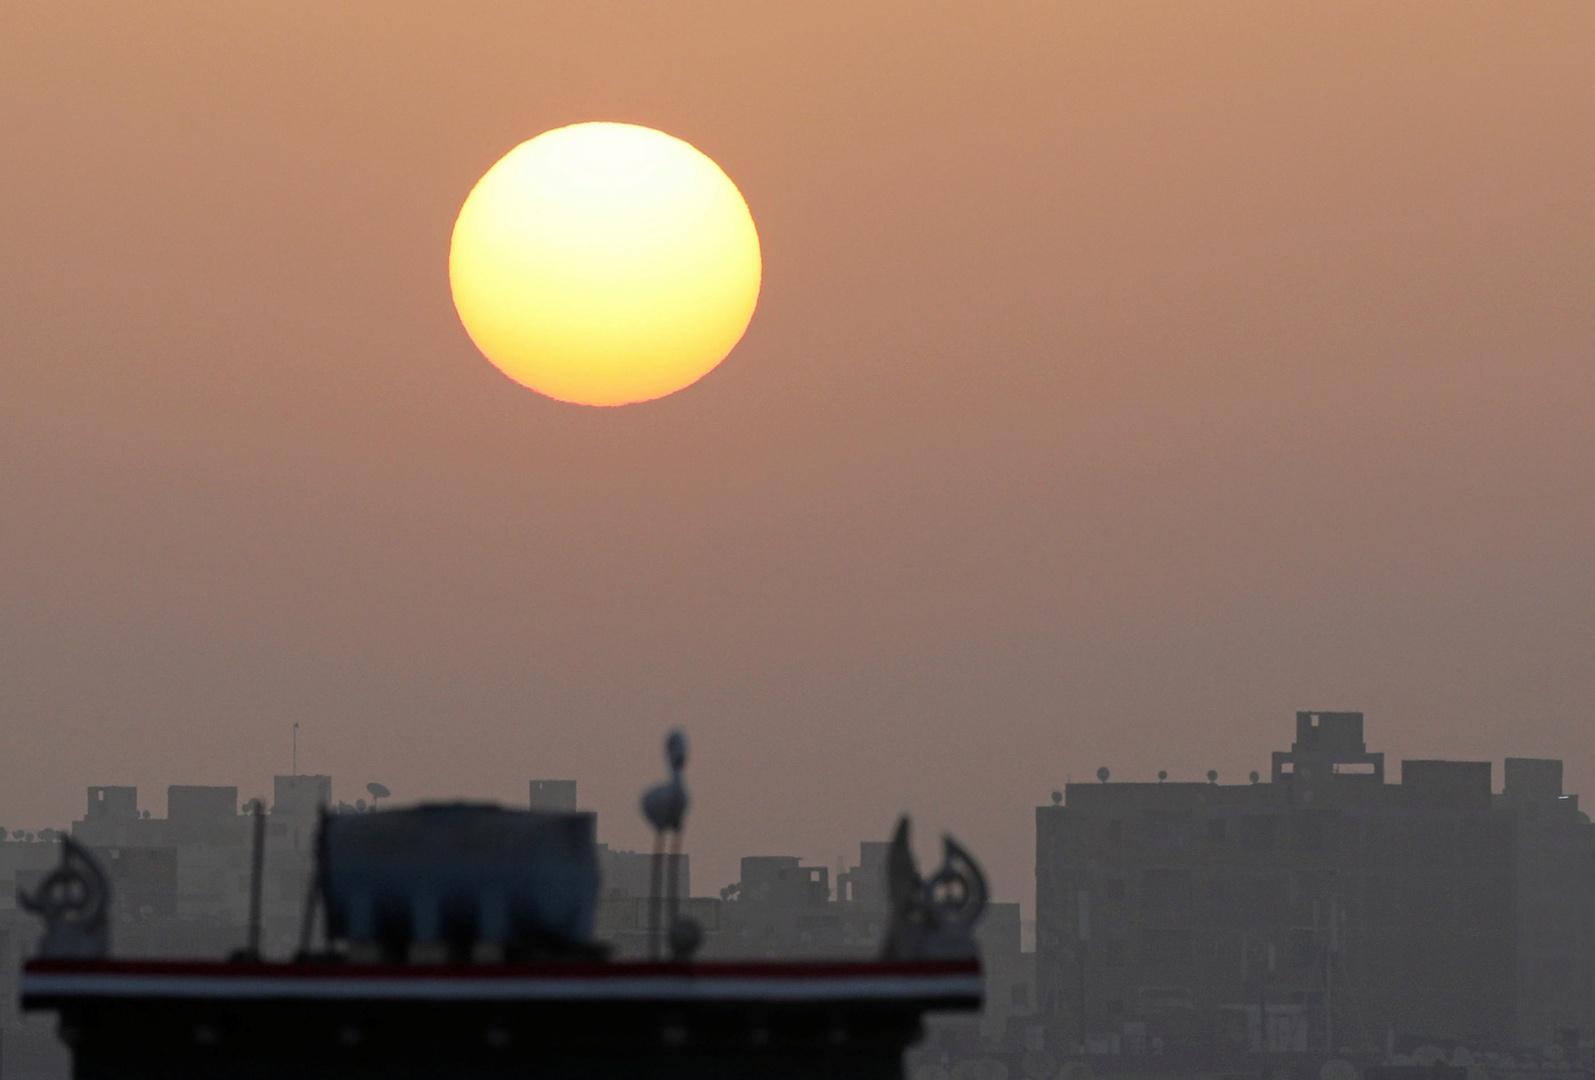 مصر.. تحذير من الطقس خلال الأيام القادمة